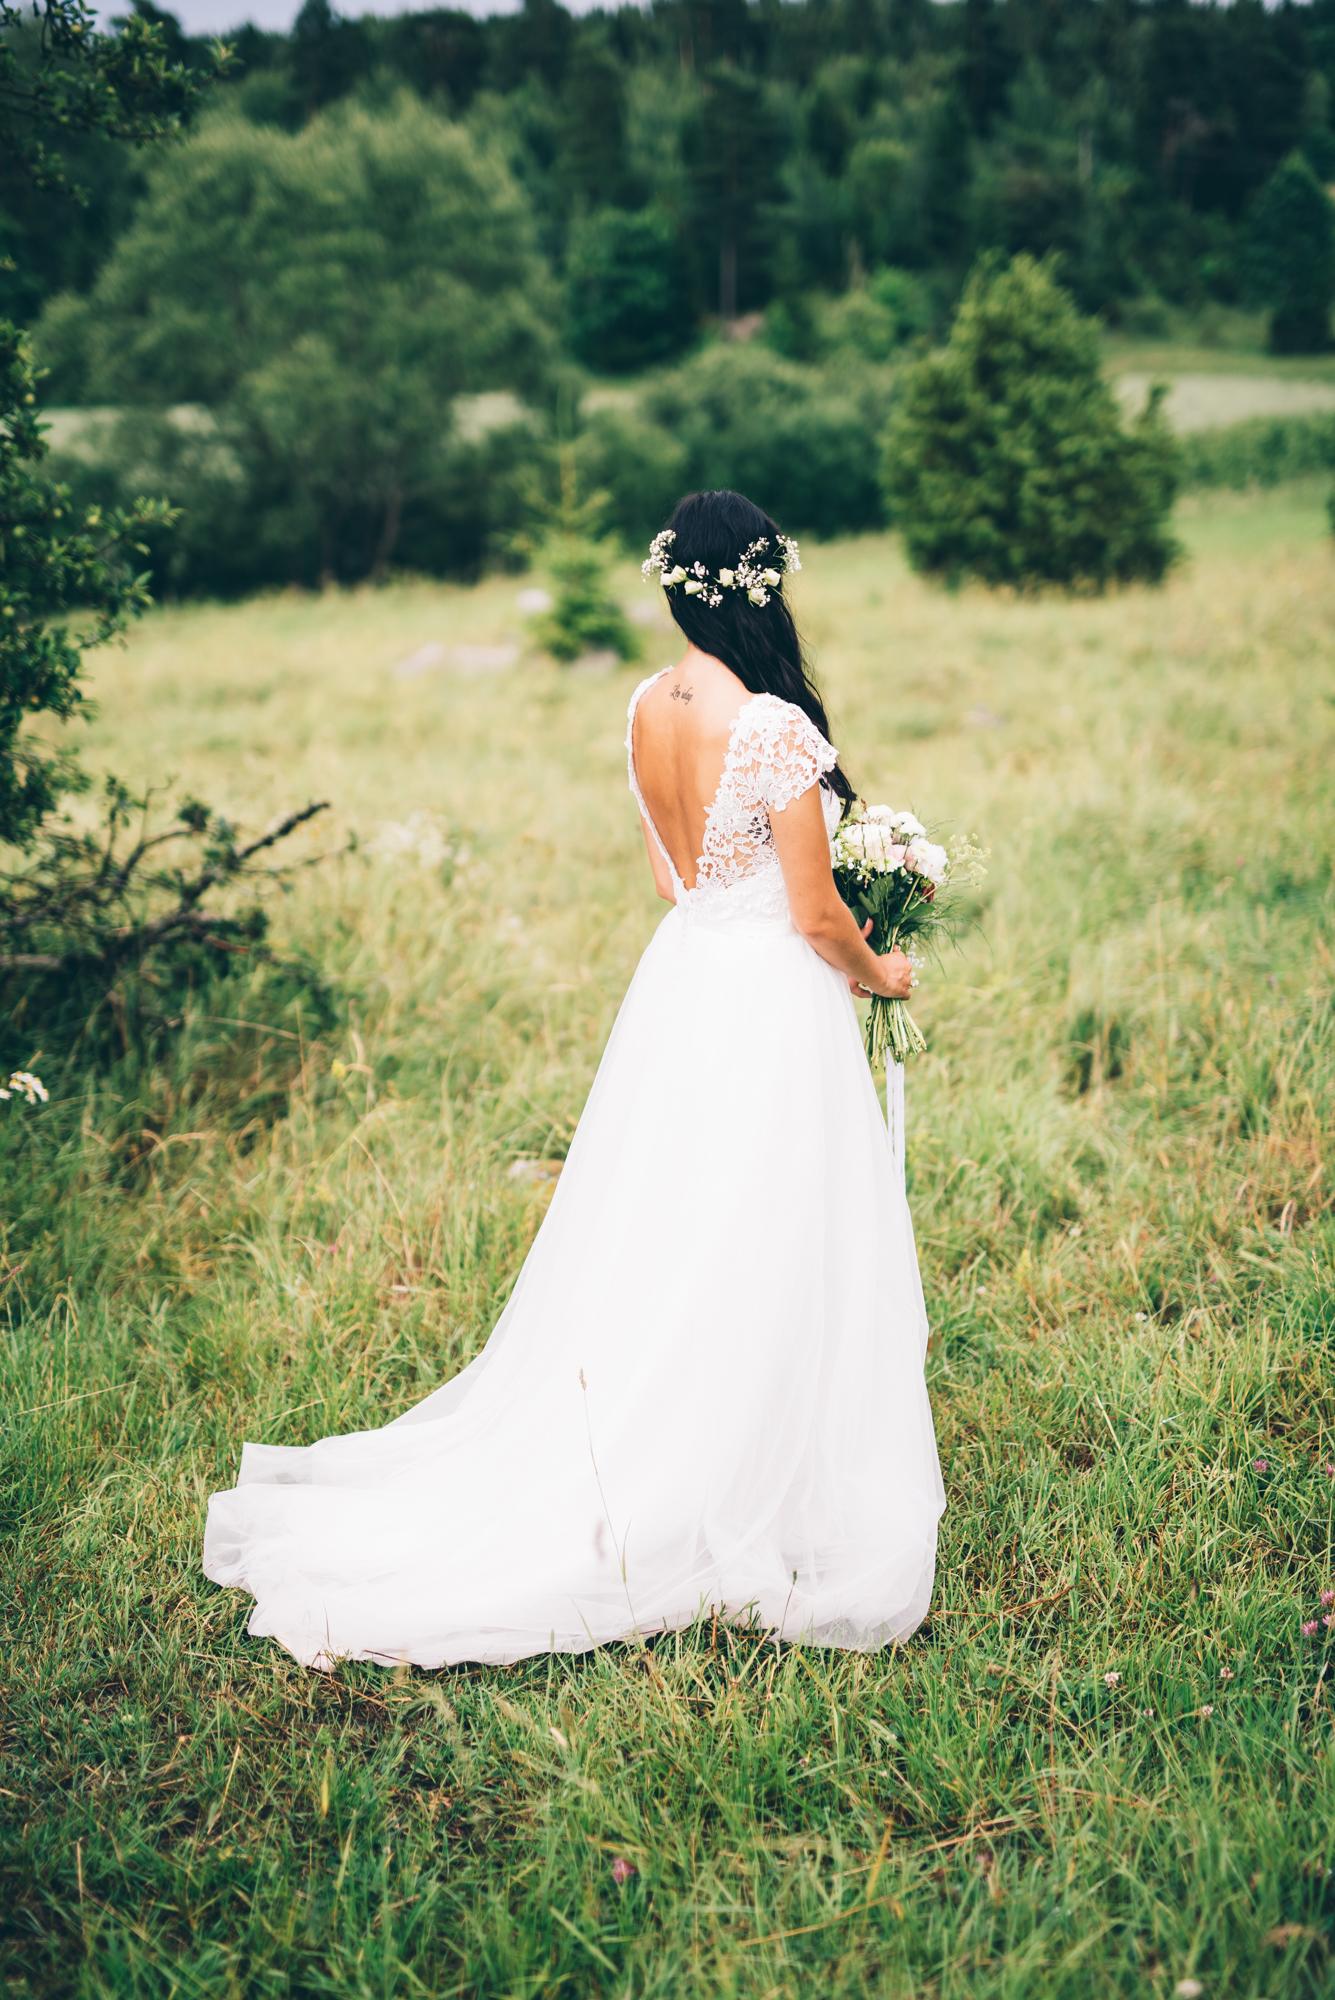 Brudklänningar, bröllopsklänningar och brudklädsel för